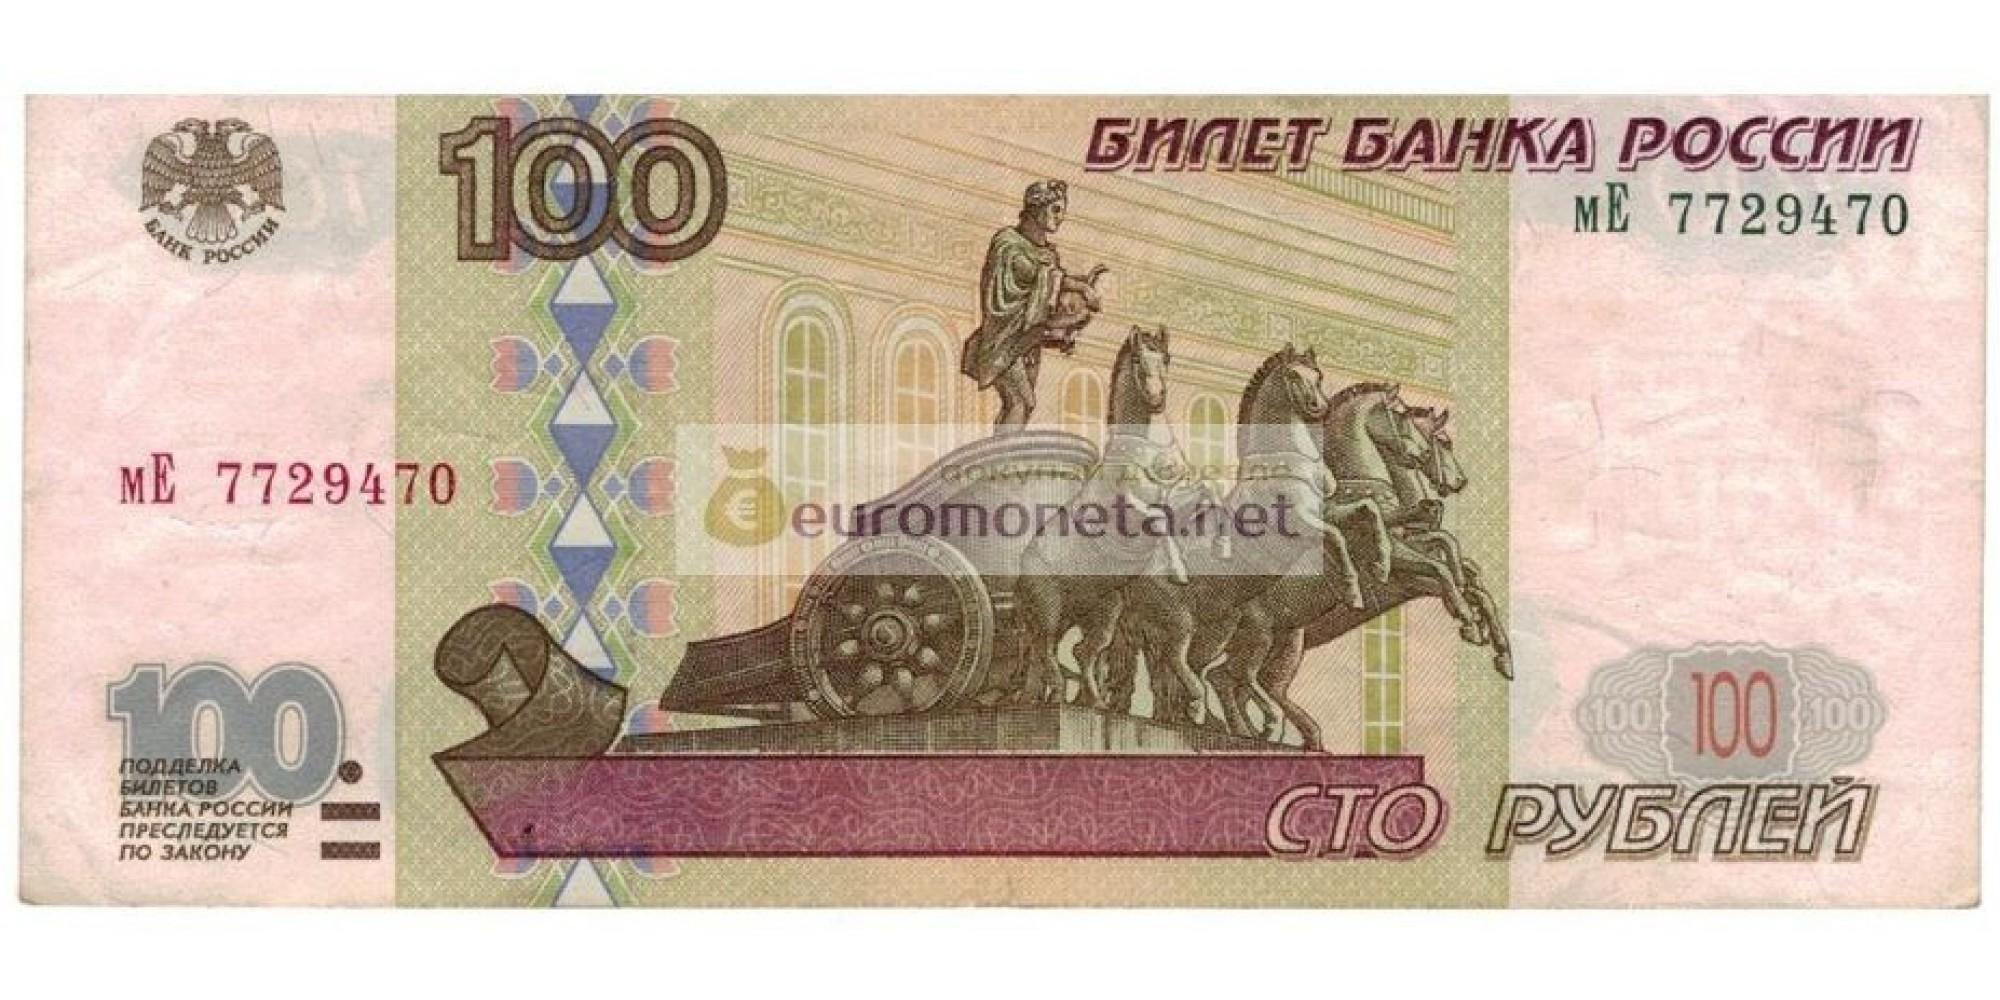 Россия 100 рублей 1997 год без модификации серия мЕ 7729470